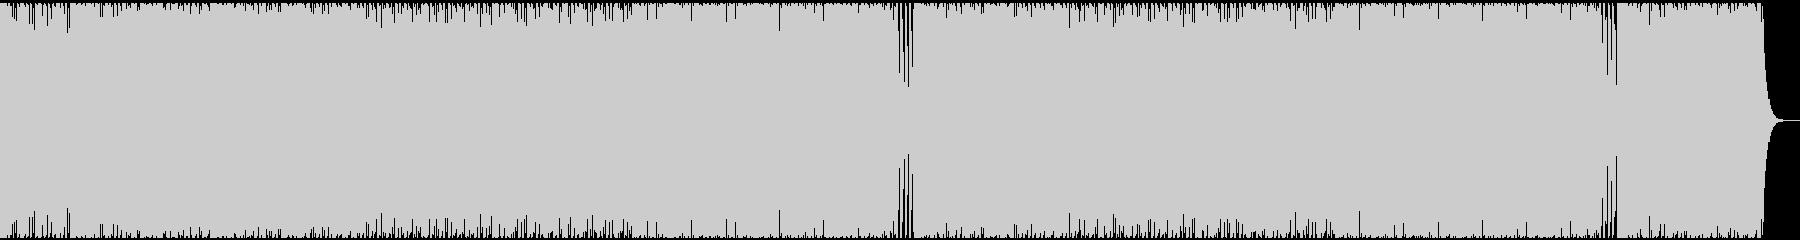 オシャレで爽やかな曲調のハウス系BGMの未再生の波形